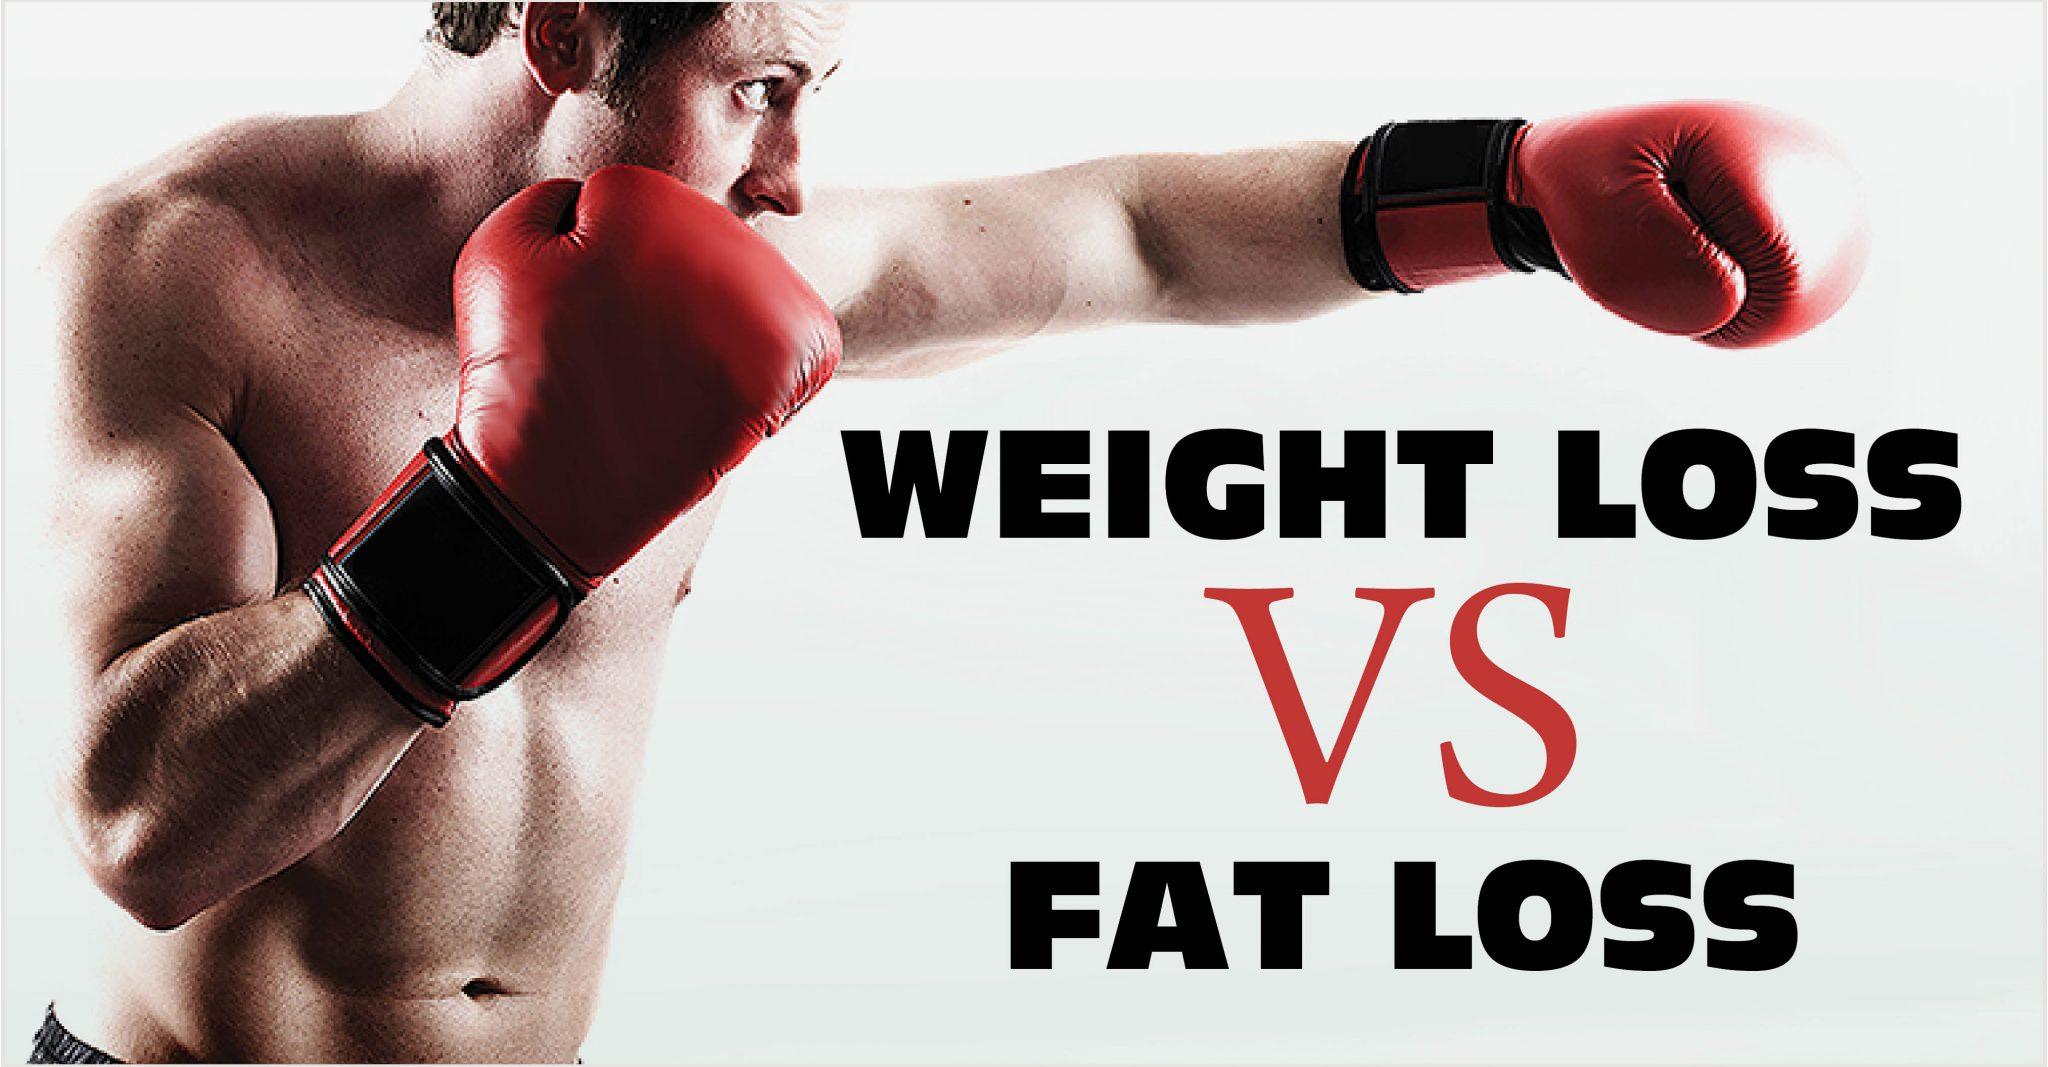 5 boli care pot cauza fluctuaţii de greutate, Informatii generale despre pierderea in greutate